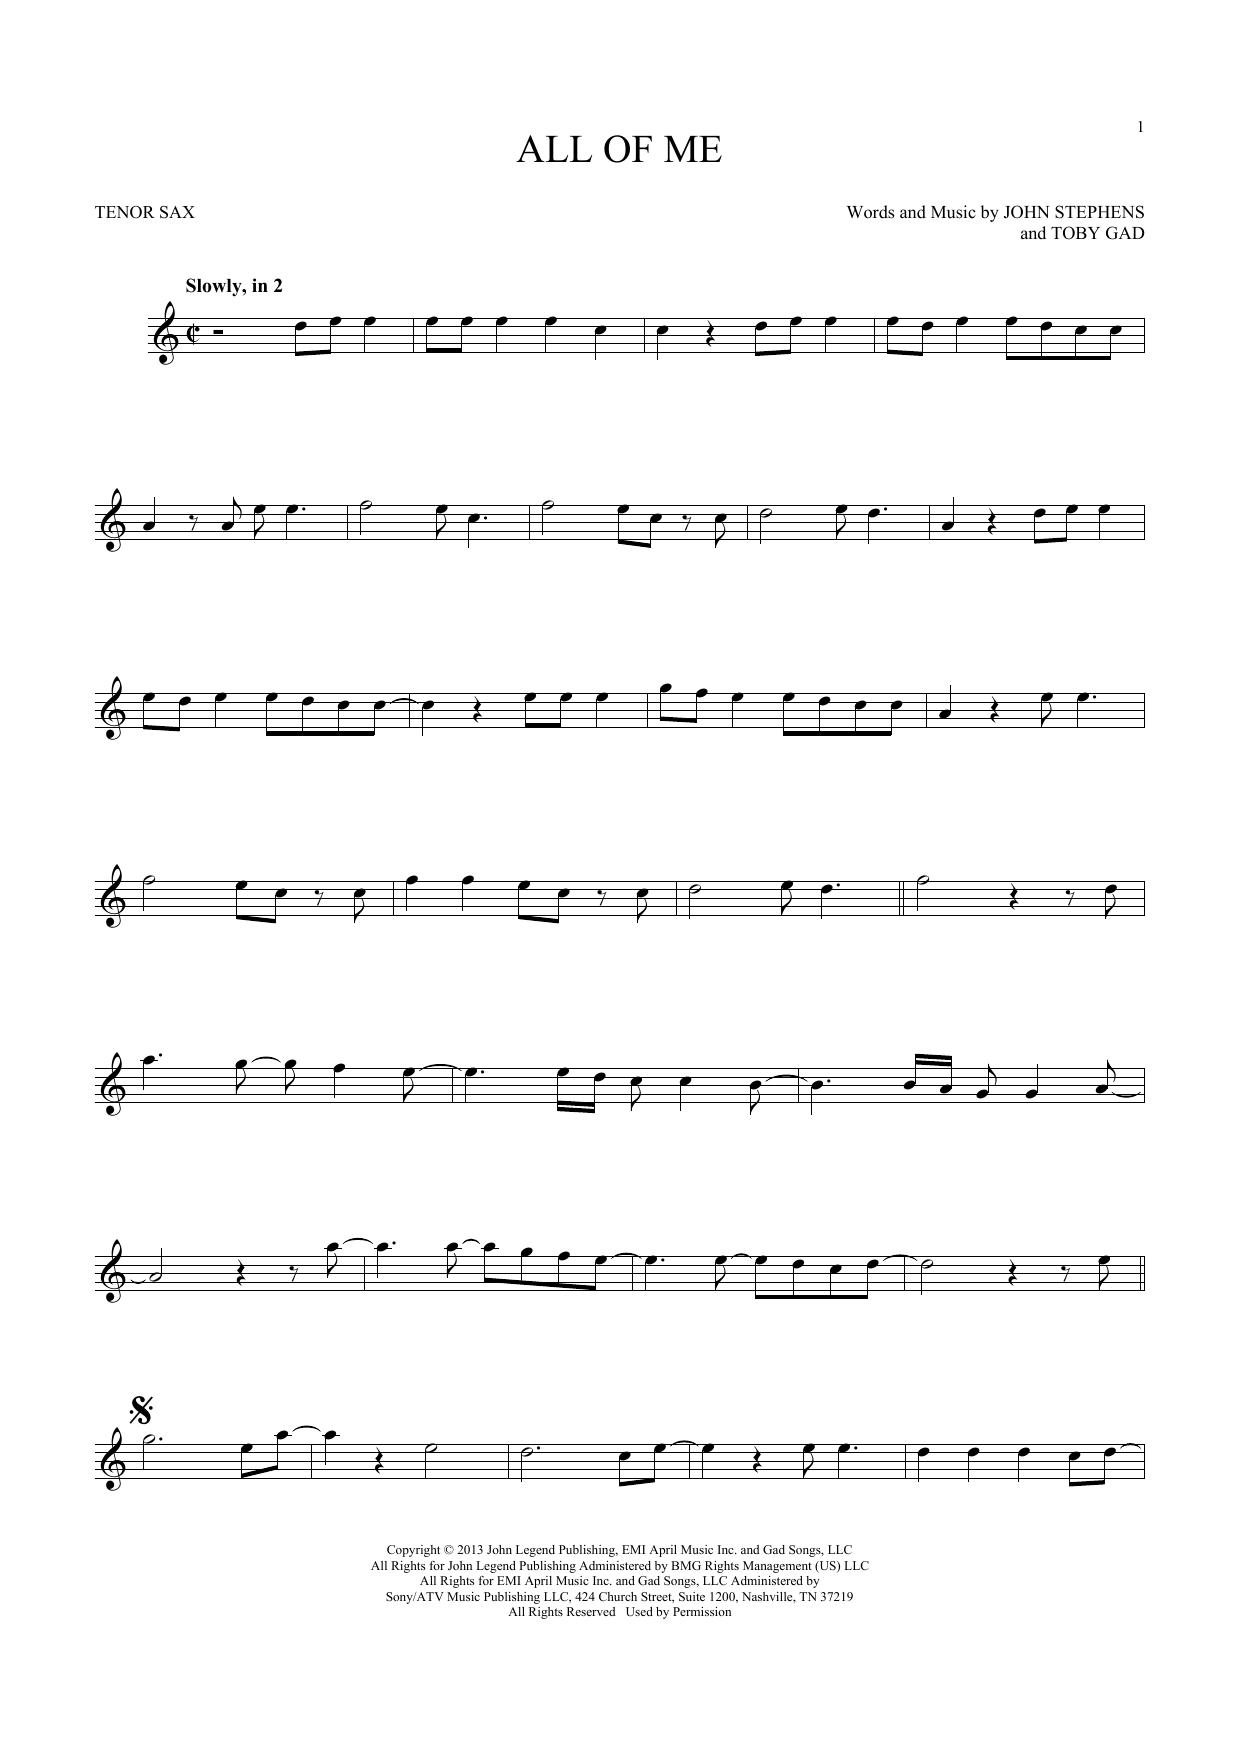 All Of Me (Tenor Sax Solo)